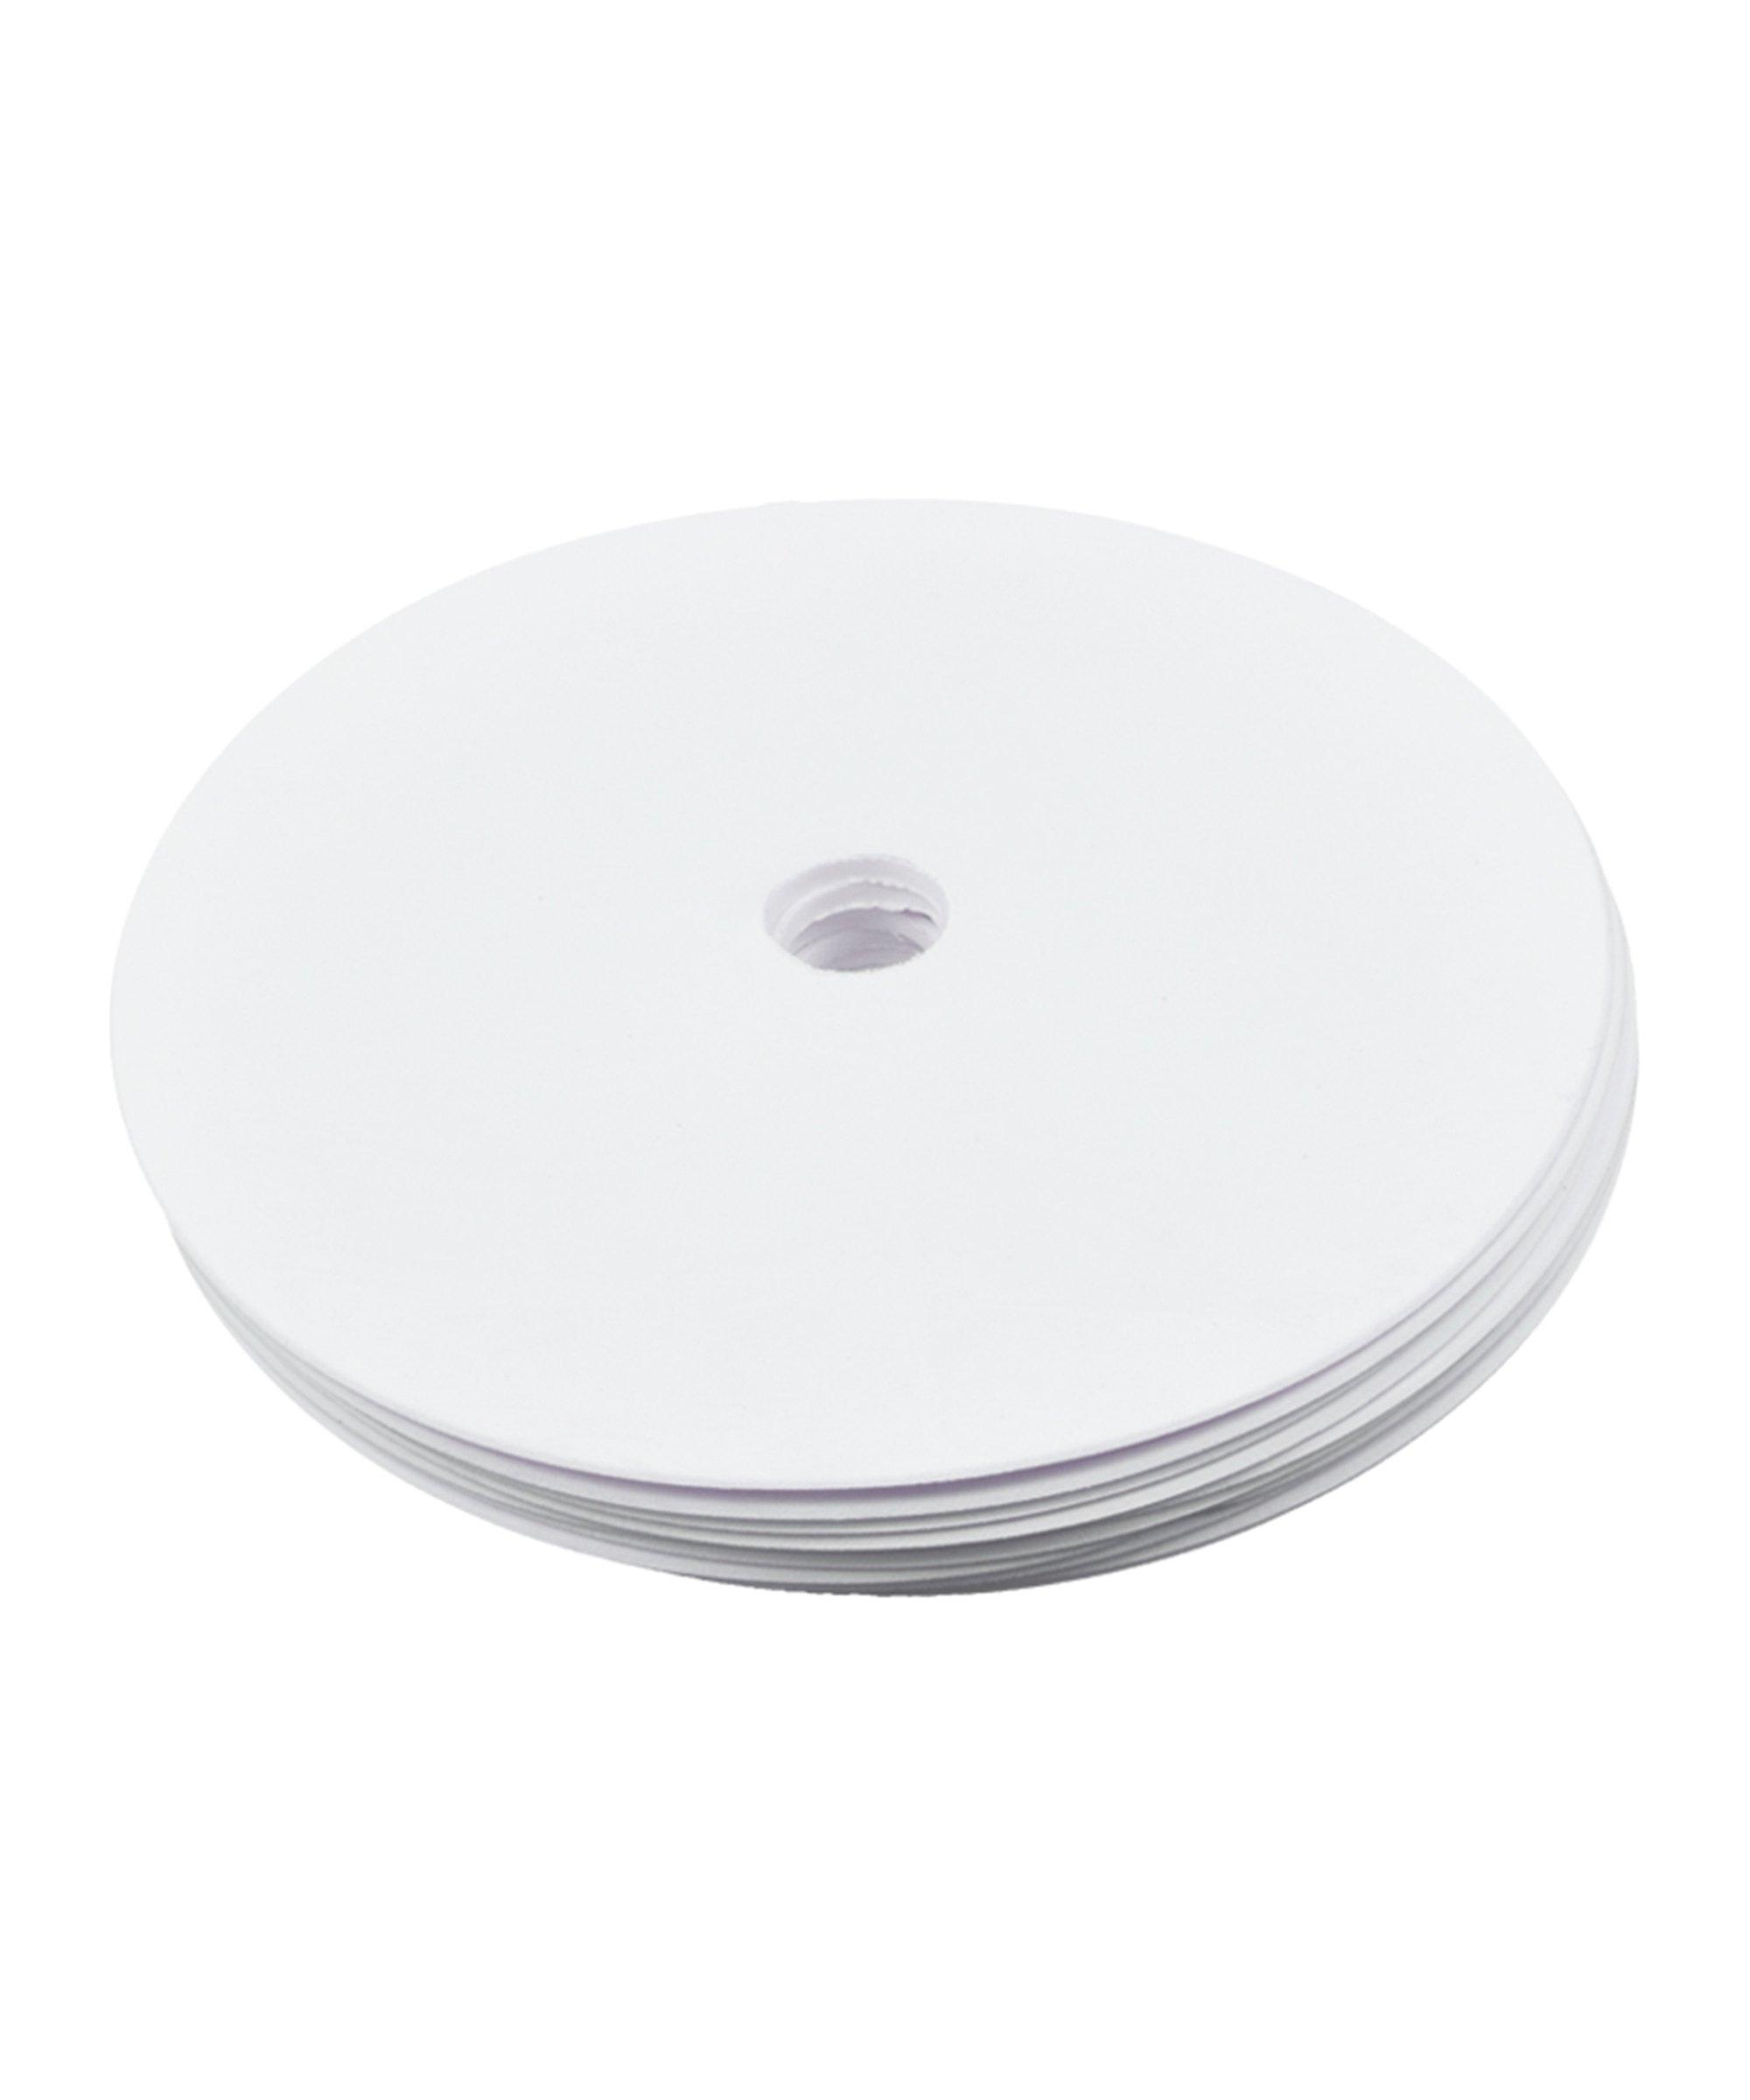 Cawila PRO TRAINING Floormark 10er Set d15mm Weiss - weiss